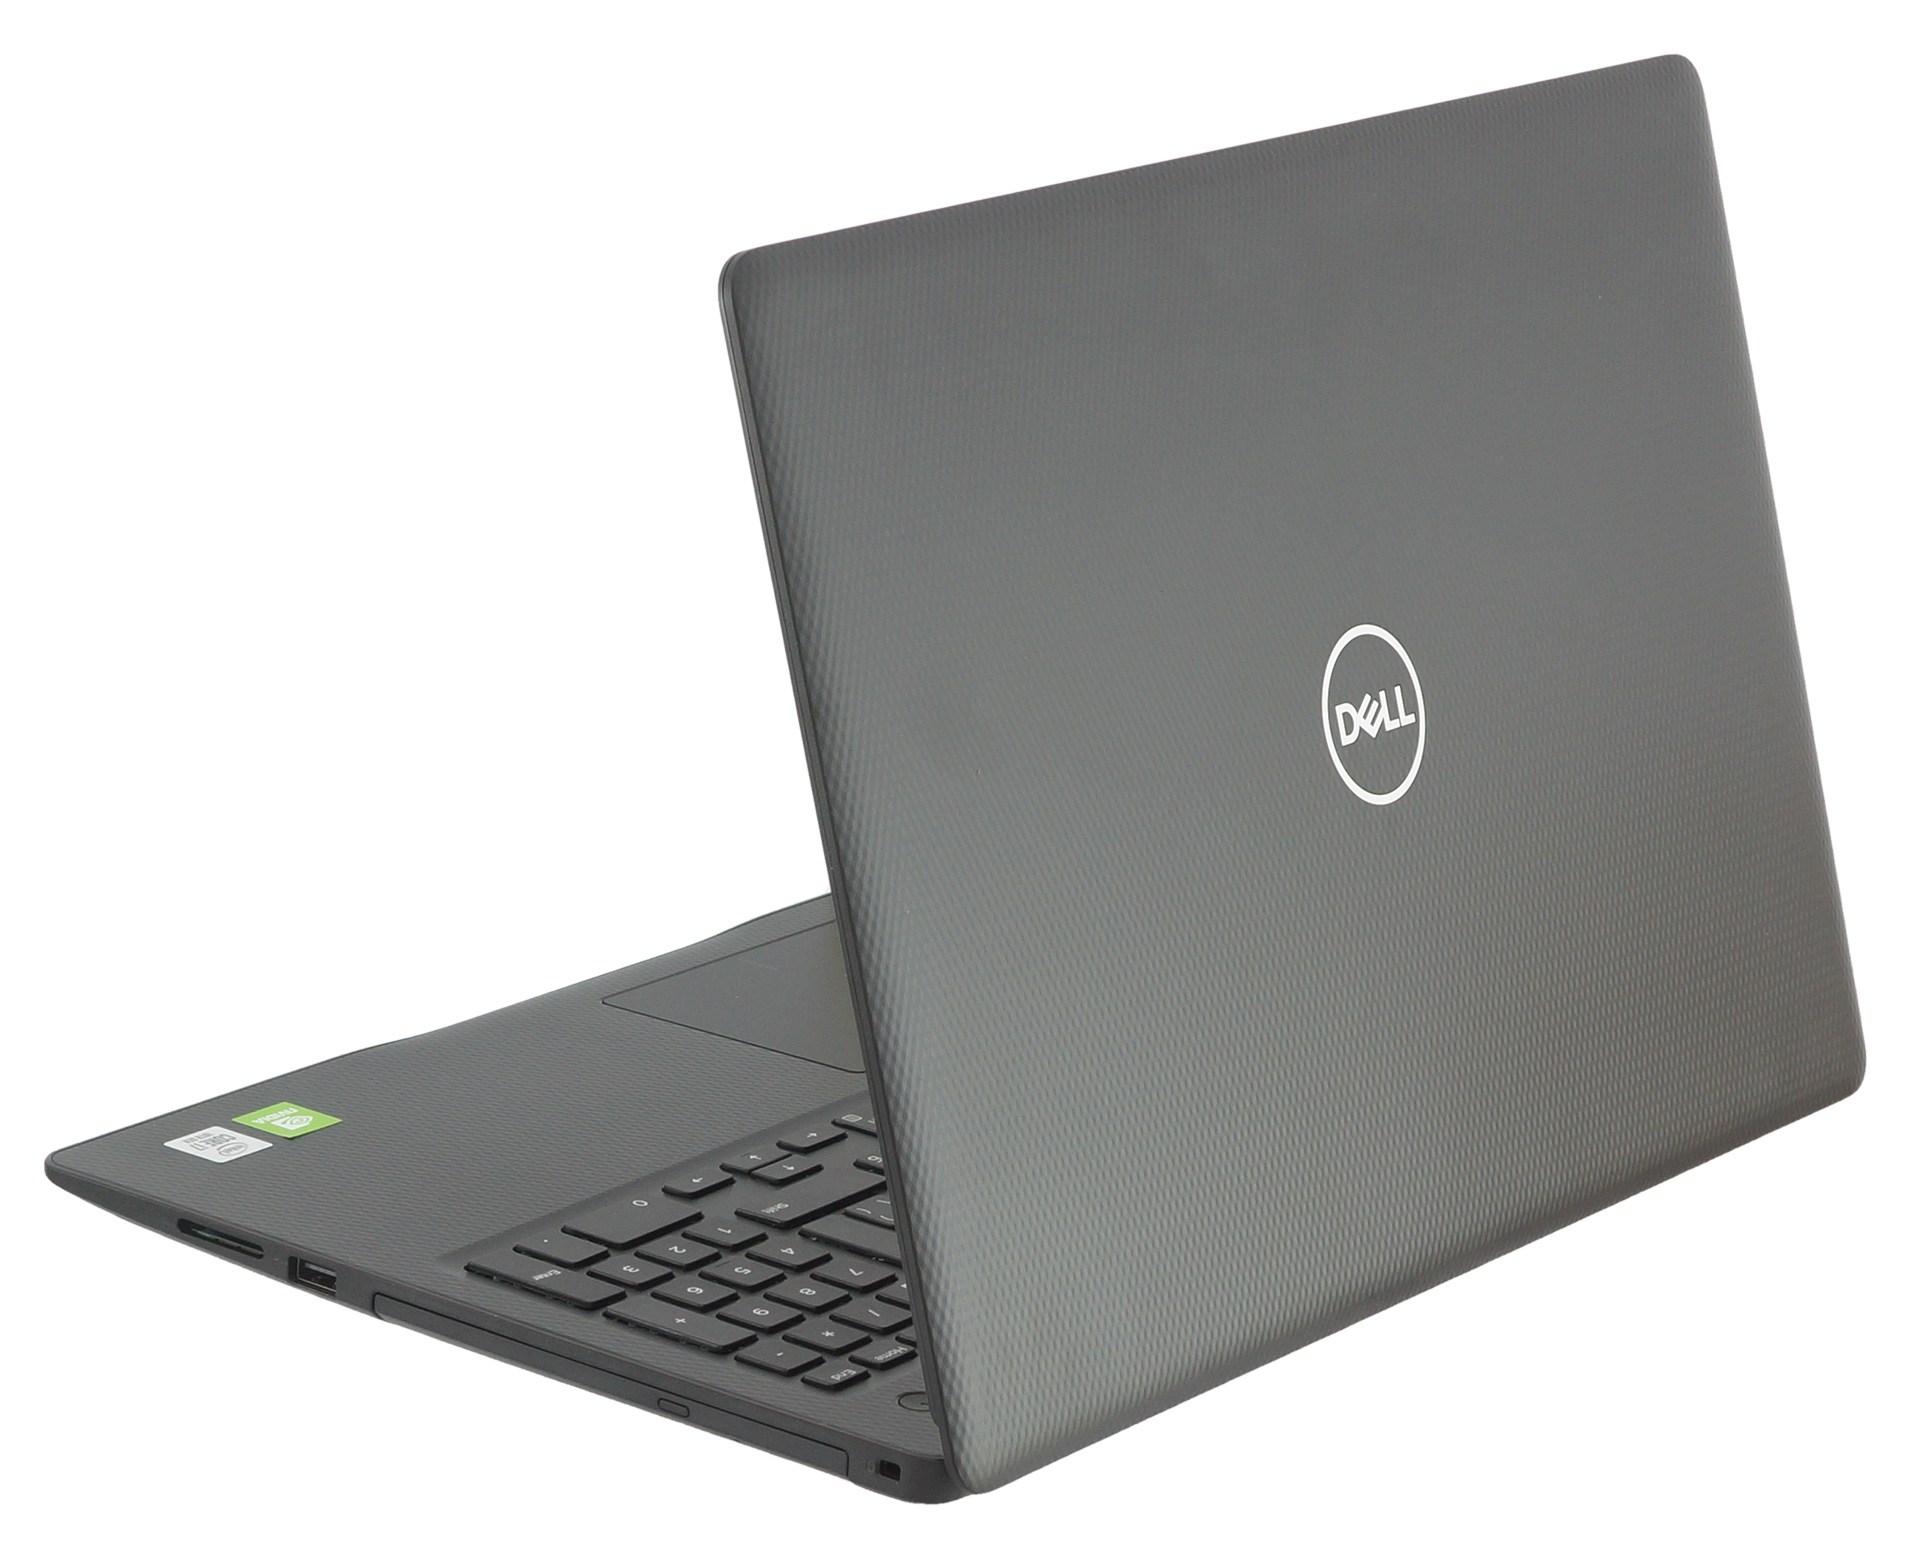 Notebook Dell Inspiron 3593 I7 1065G1 8Gb SSD256Gb 15.6 Geforce MX230 2Gb DDR5